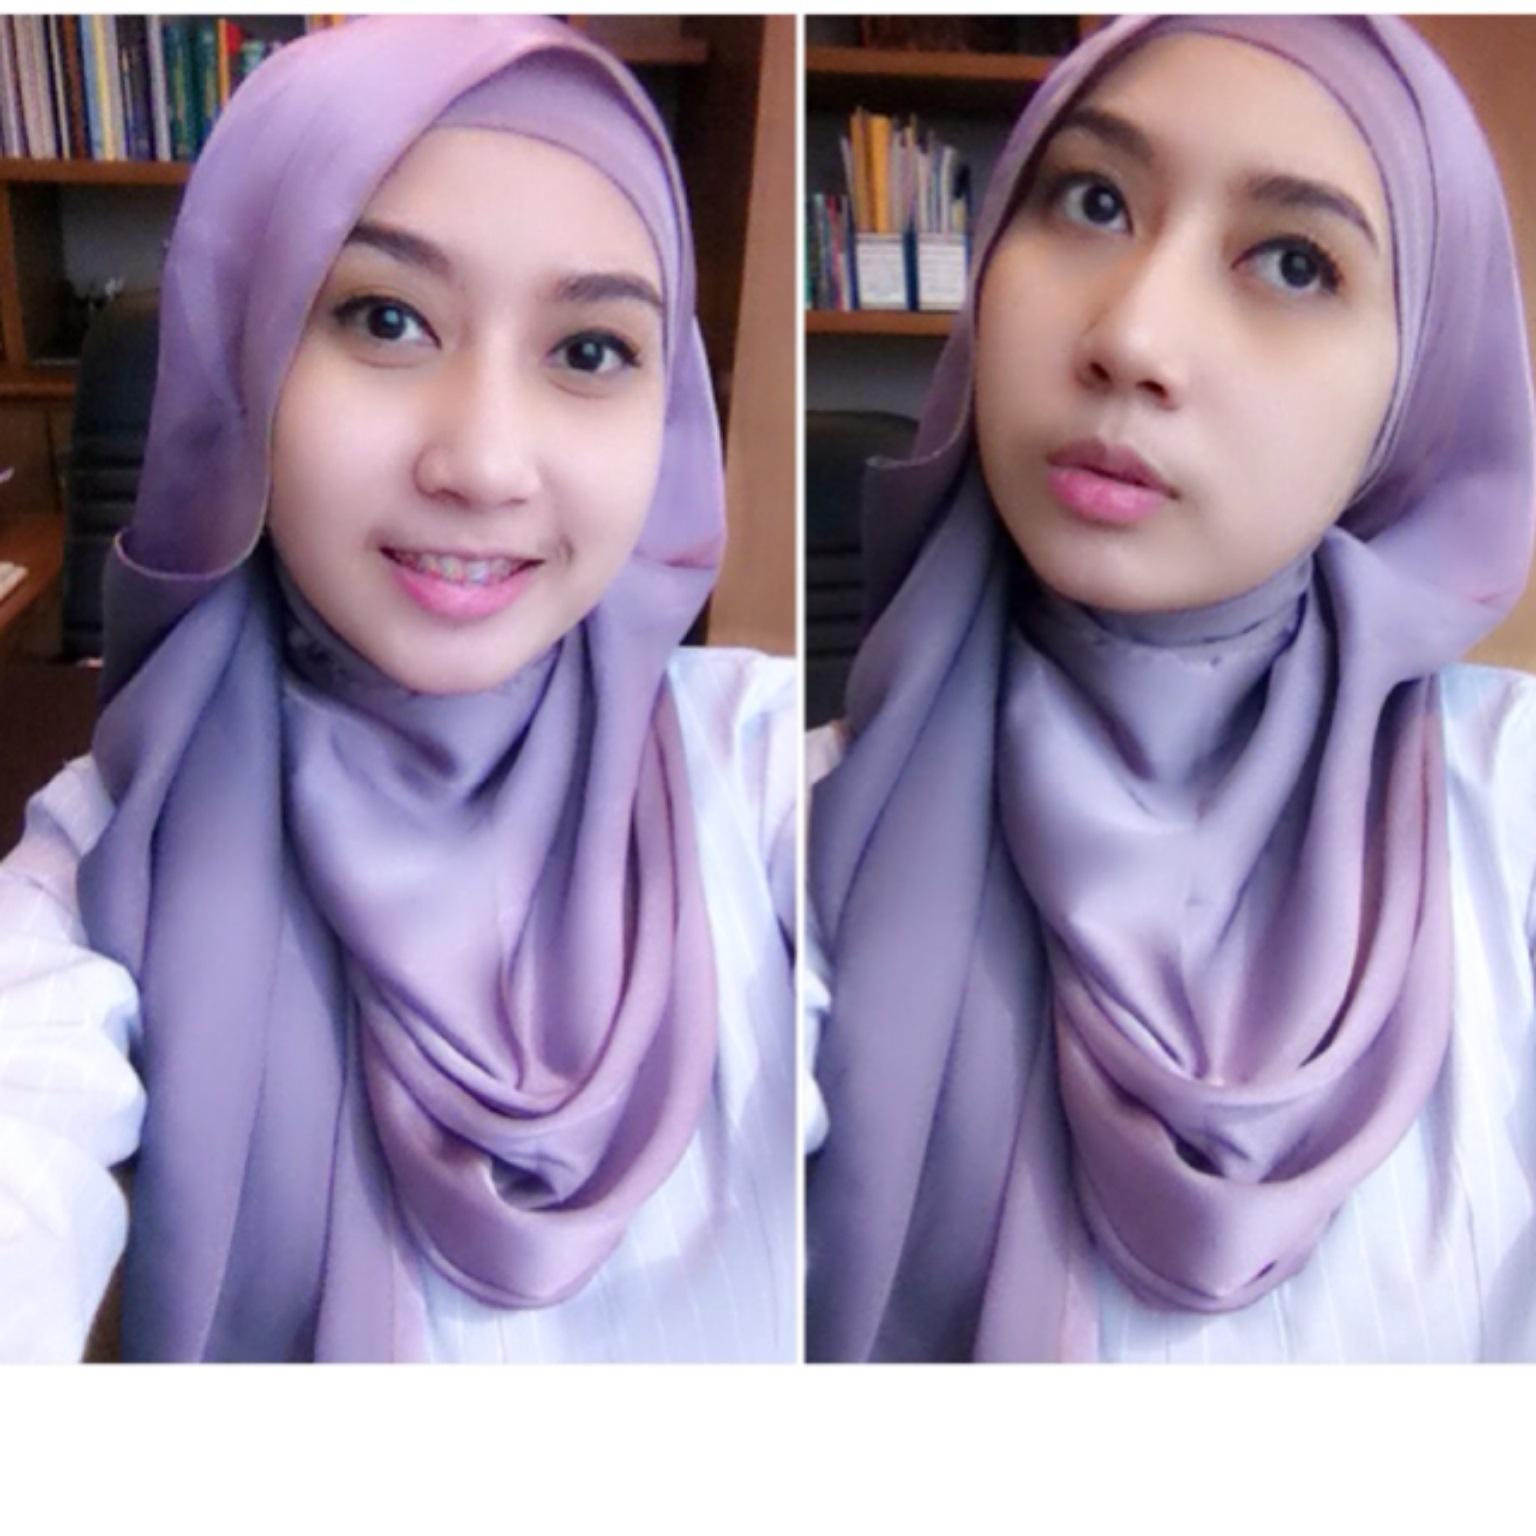 Tampil Cantik Dengan Tutorial Hijab Bahan Satin Yang Mudah